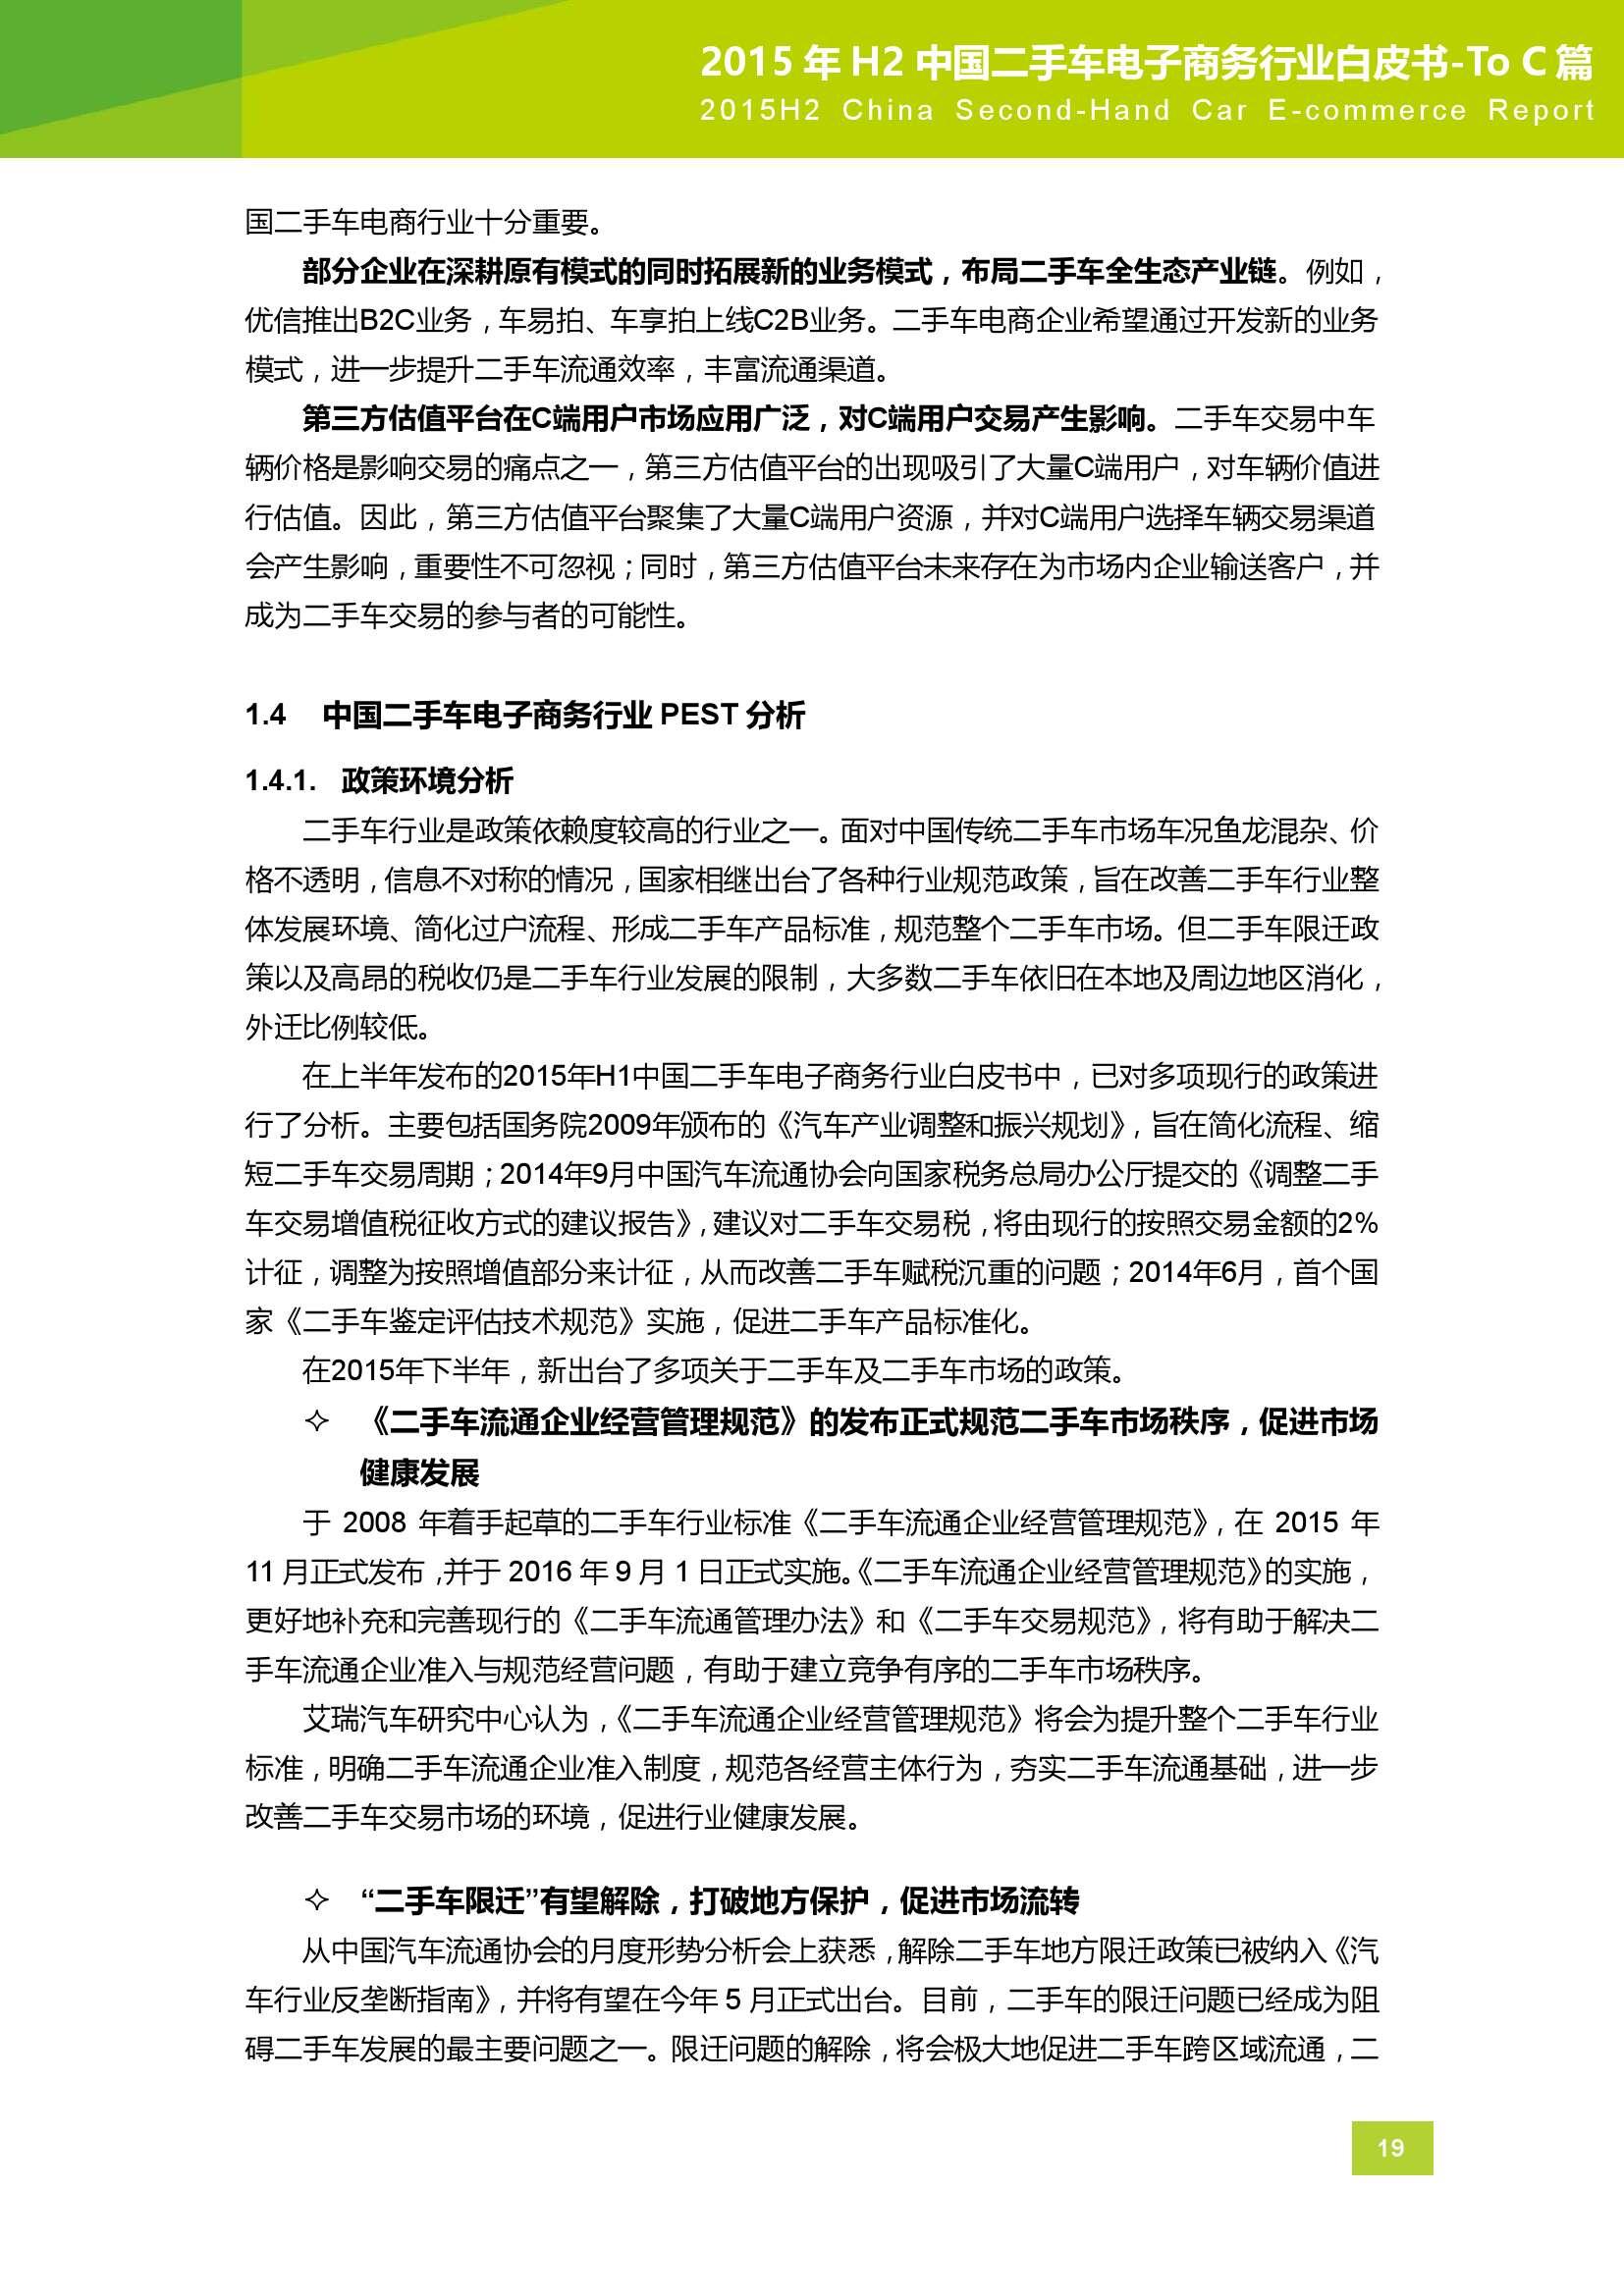 2015年H2中国二手车电子商务行业白皮书_000019